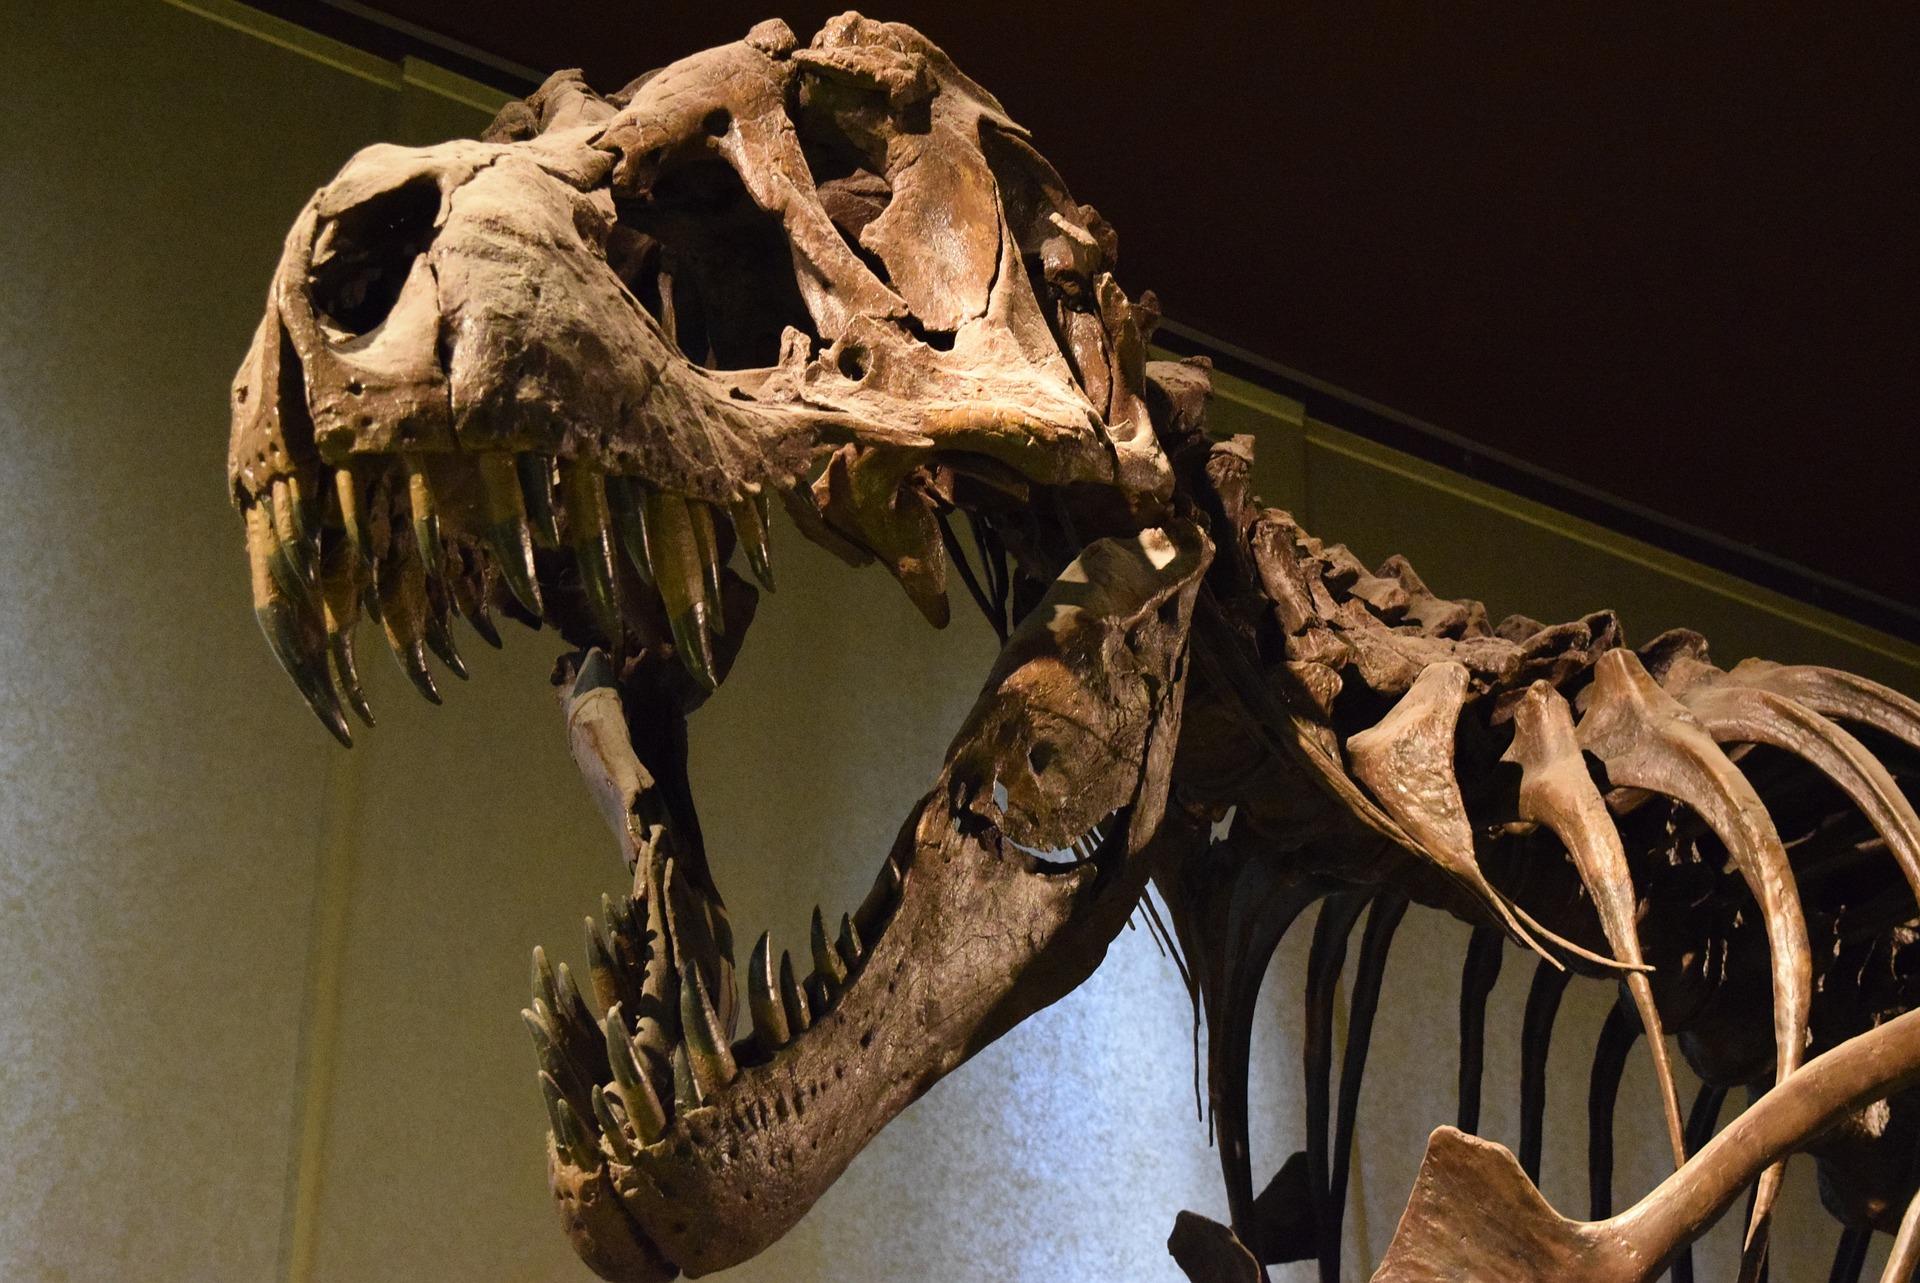 恐竜展に行ったら必ずチェックしたい 巨大な肉食恐竜ベスト3